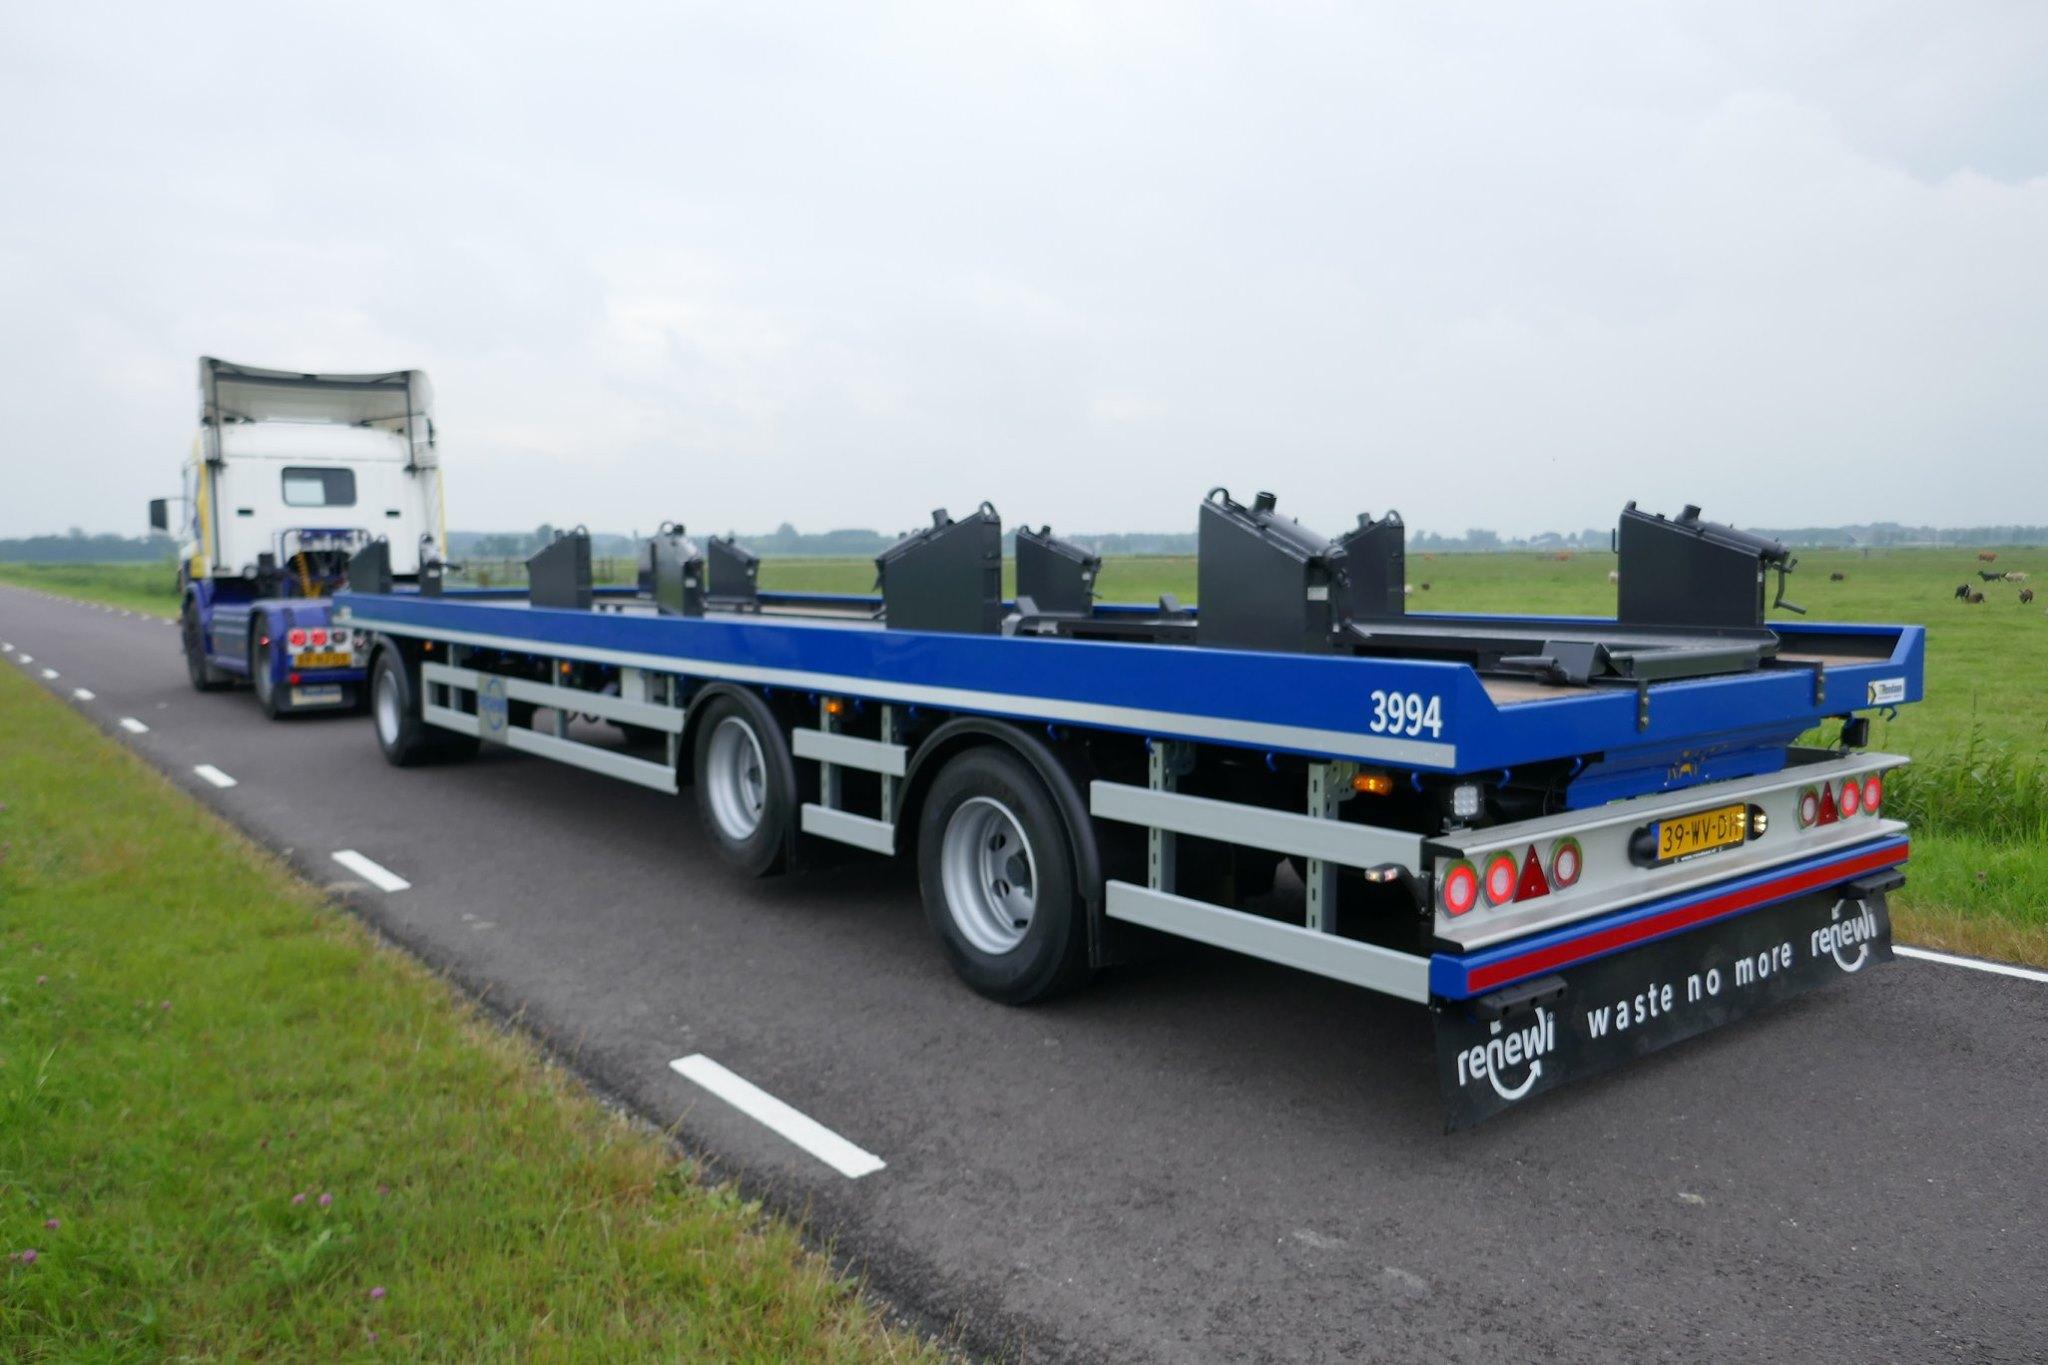 een-3-assige-R.A.F-Portaalaanhangwagen-geschikt-voor-3-portaalcontainers--2-8-2019--2